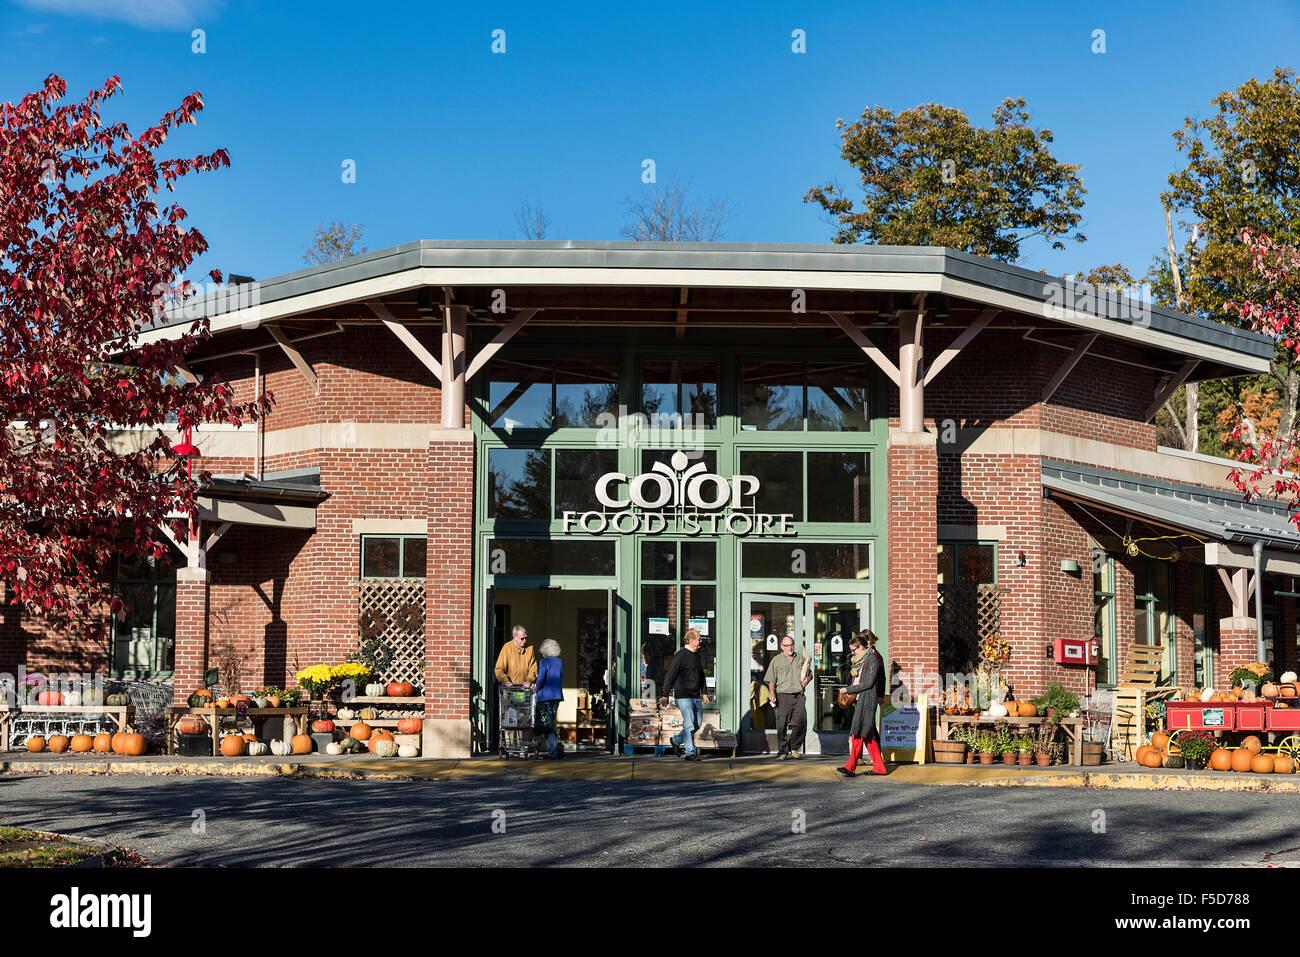 Coop, negozio di alimentari, Libano, New Hampshire, STATI UNITI D'AMERICA Immagini Stock